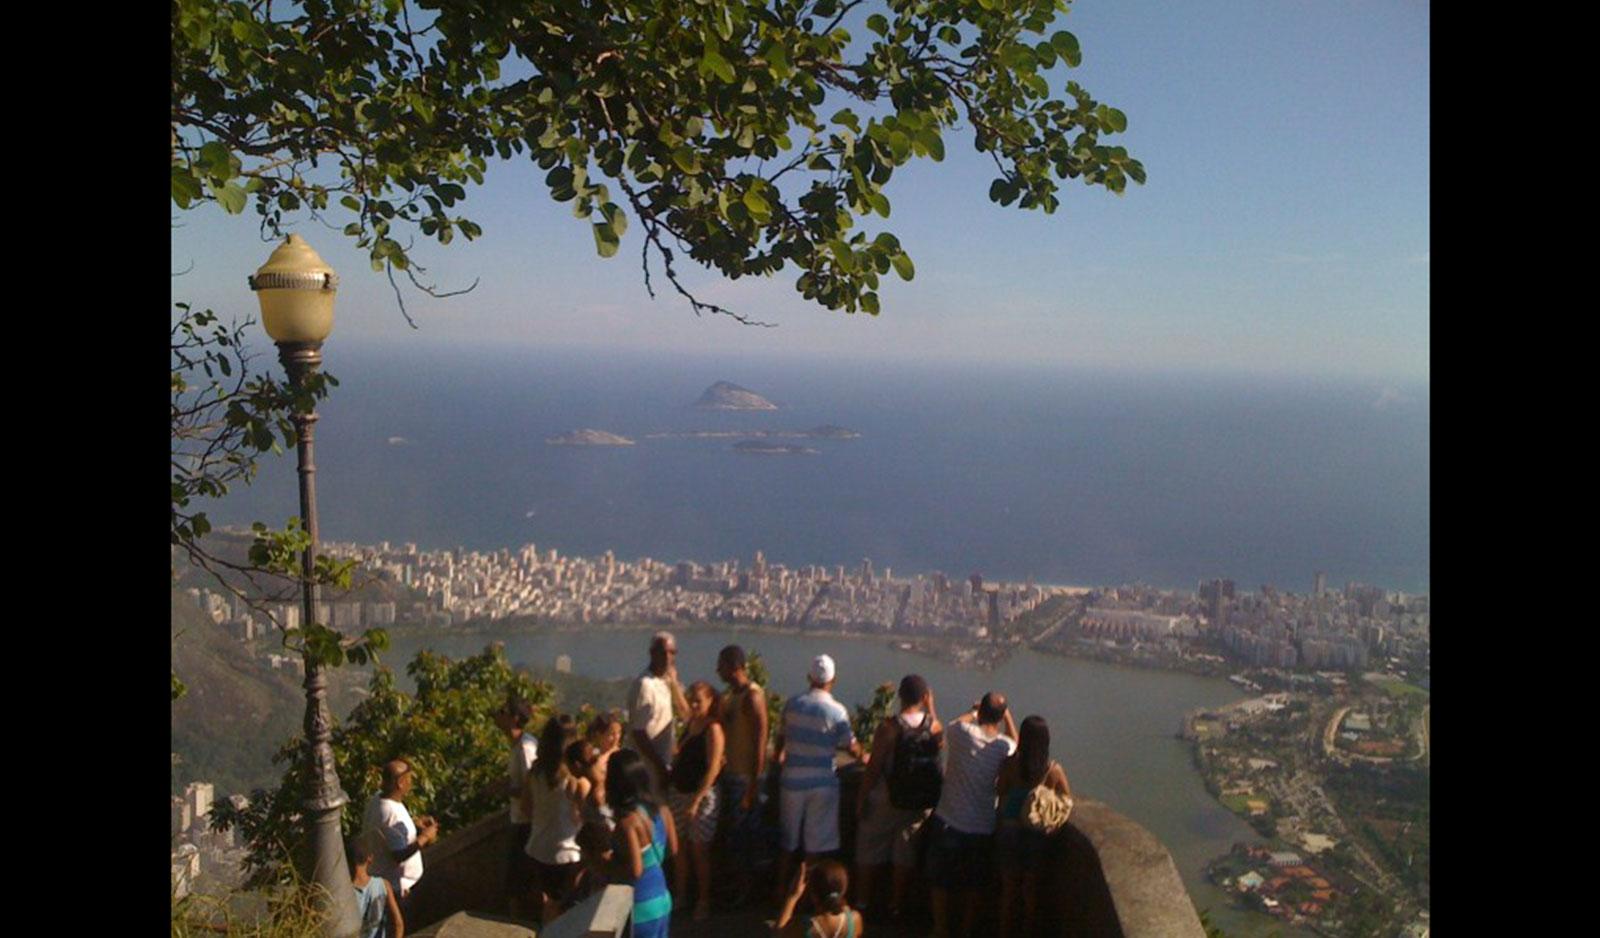 IMG_0349galerie_brazilia_tableta